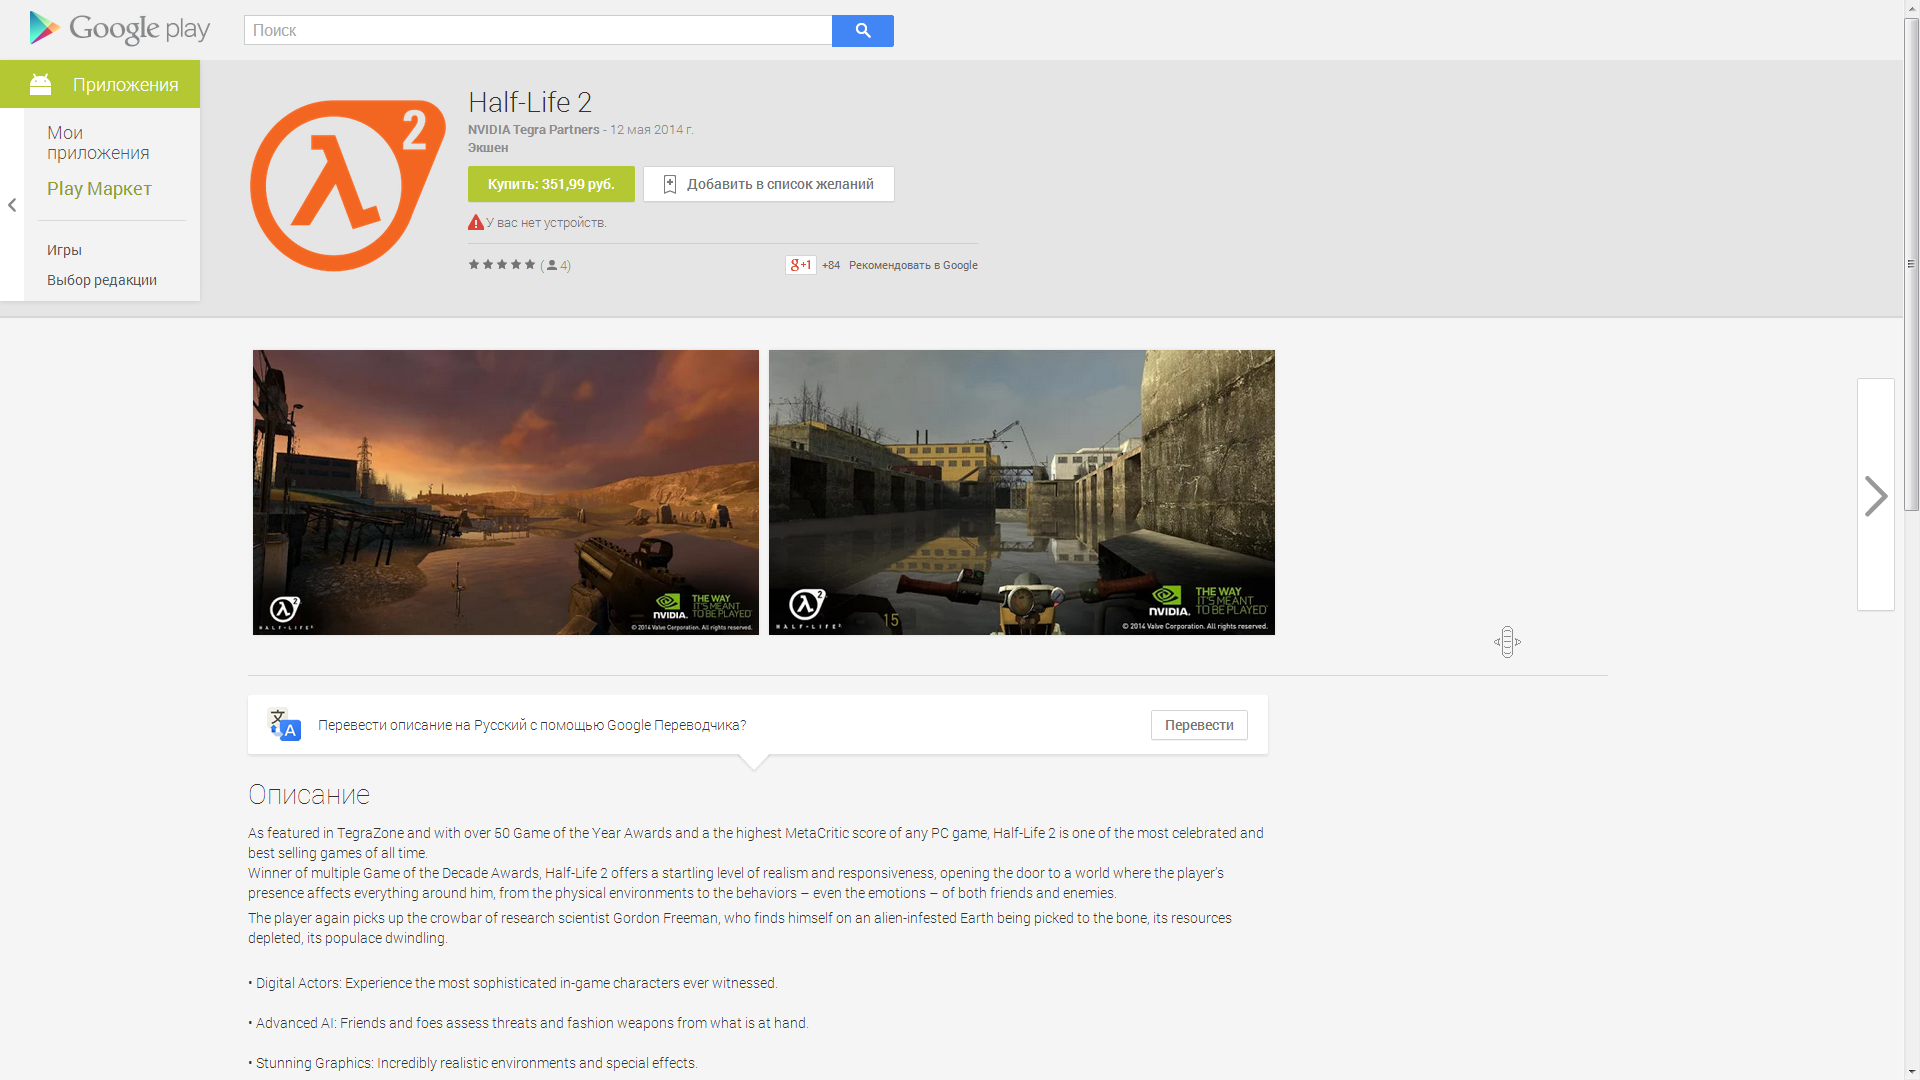 Portal и Half-Life 2 доступны в Google Play - Изображение 1